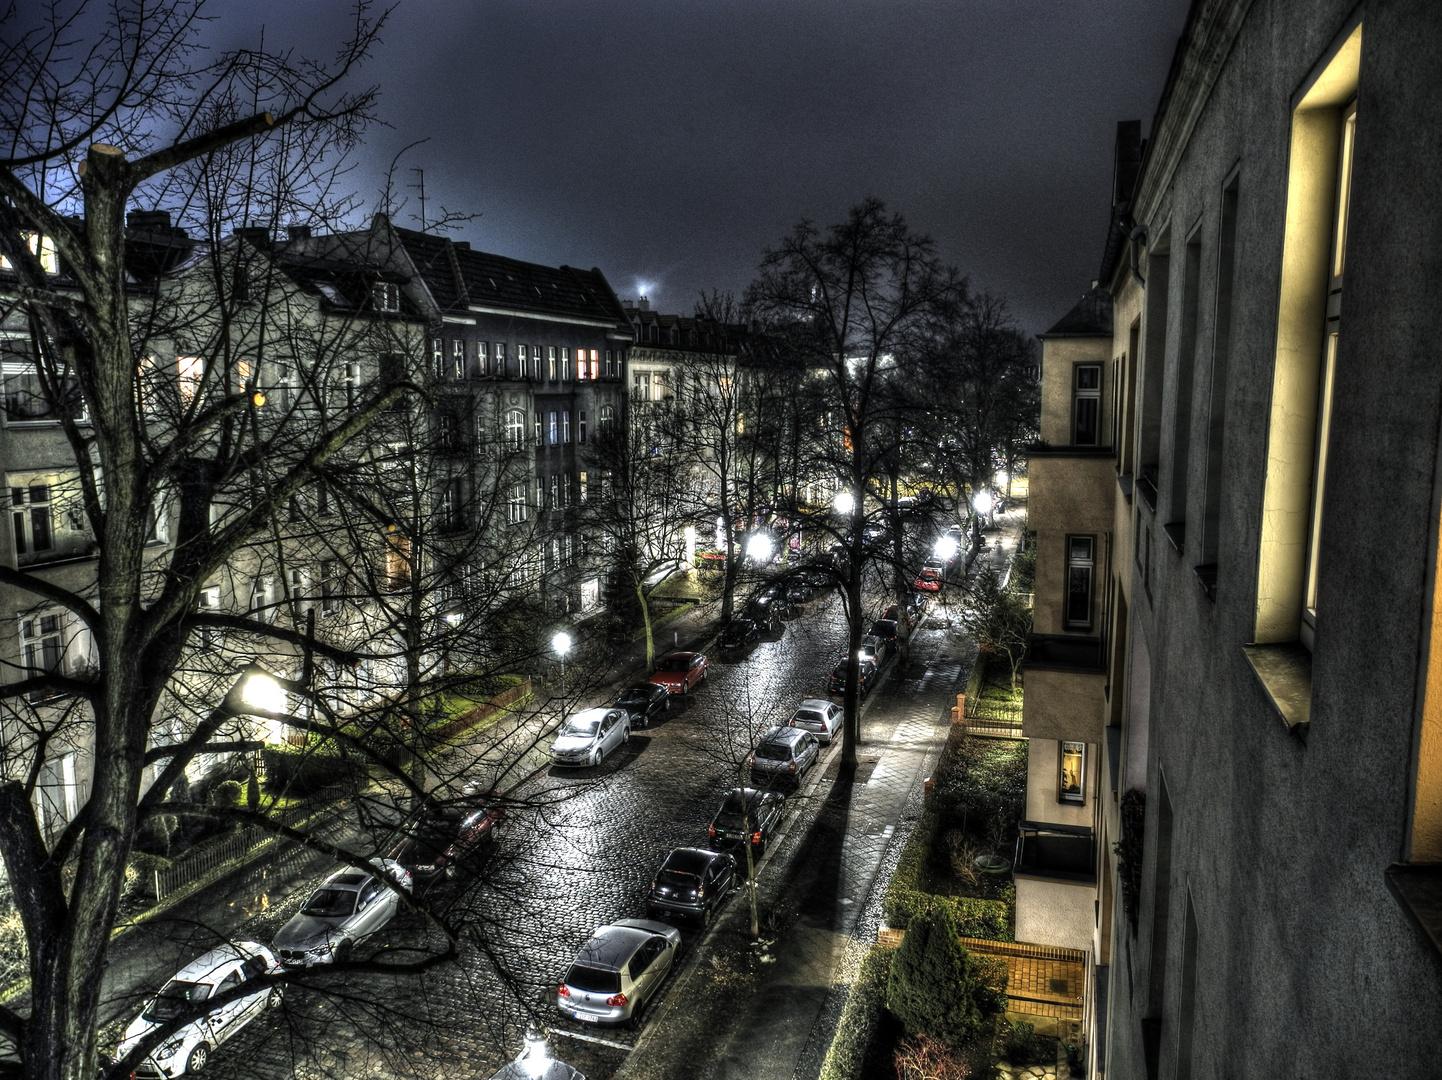 Night in Schlieperstraße